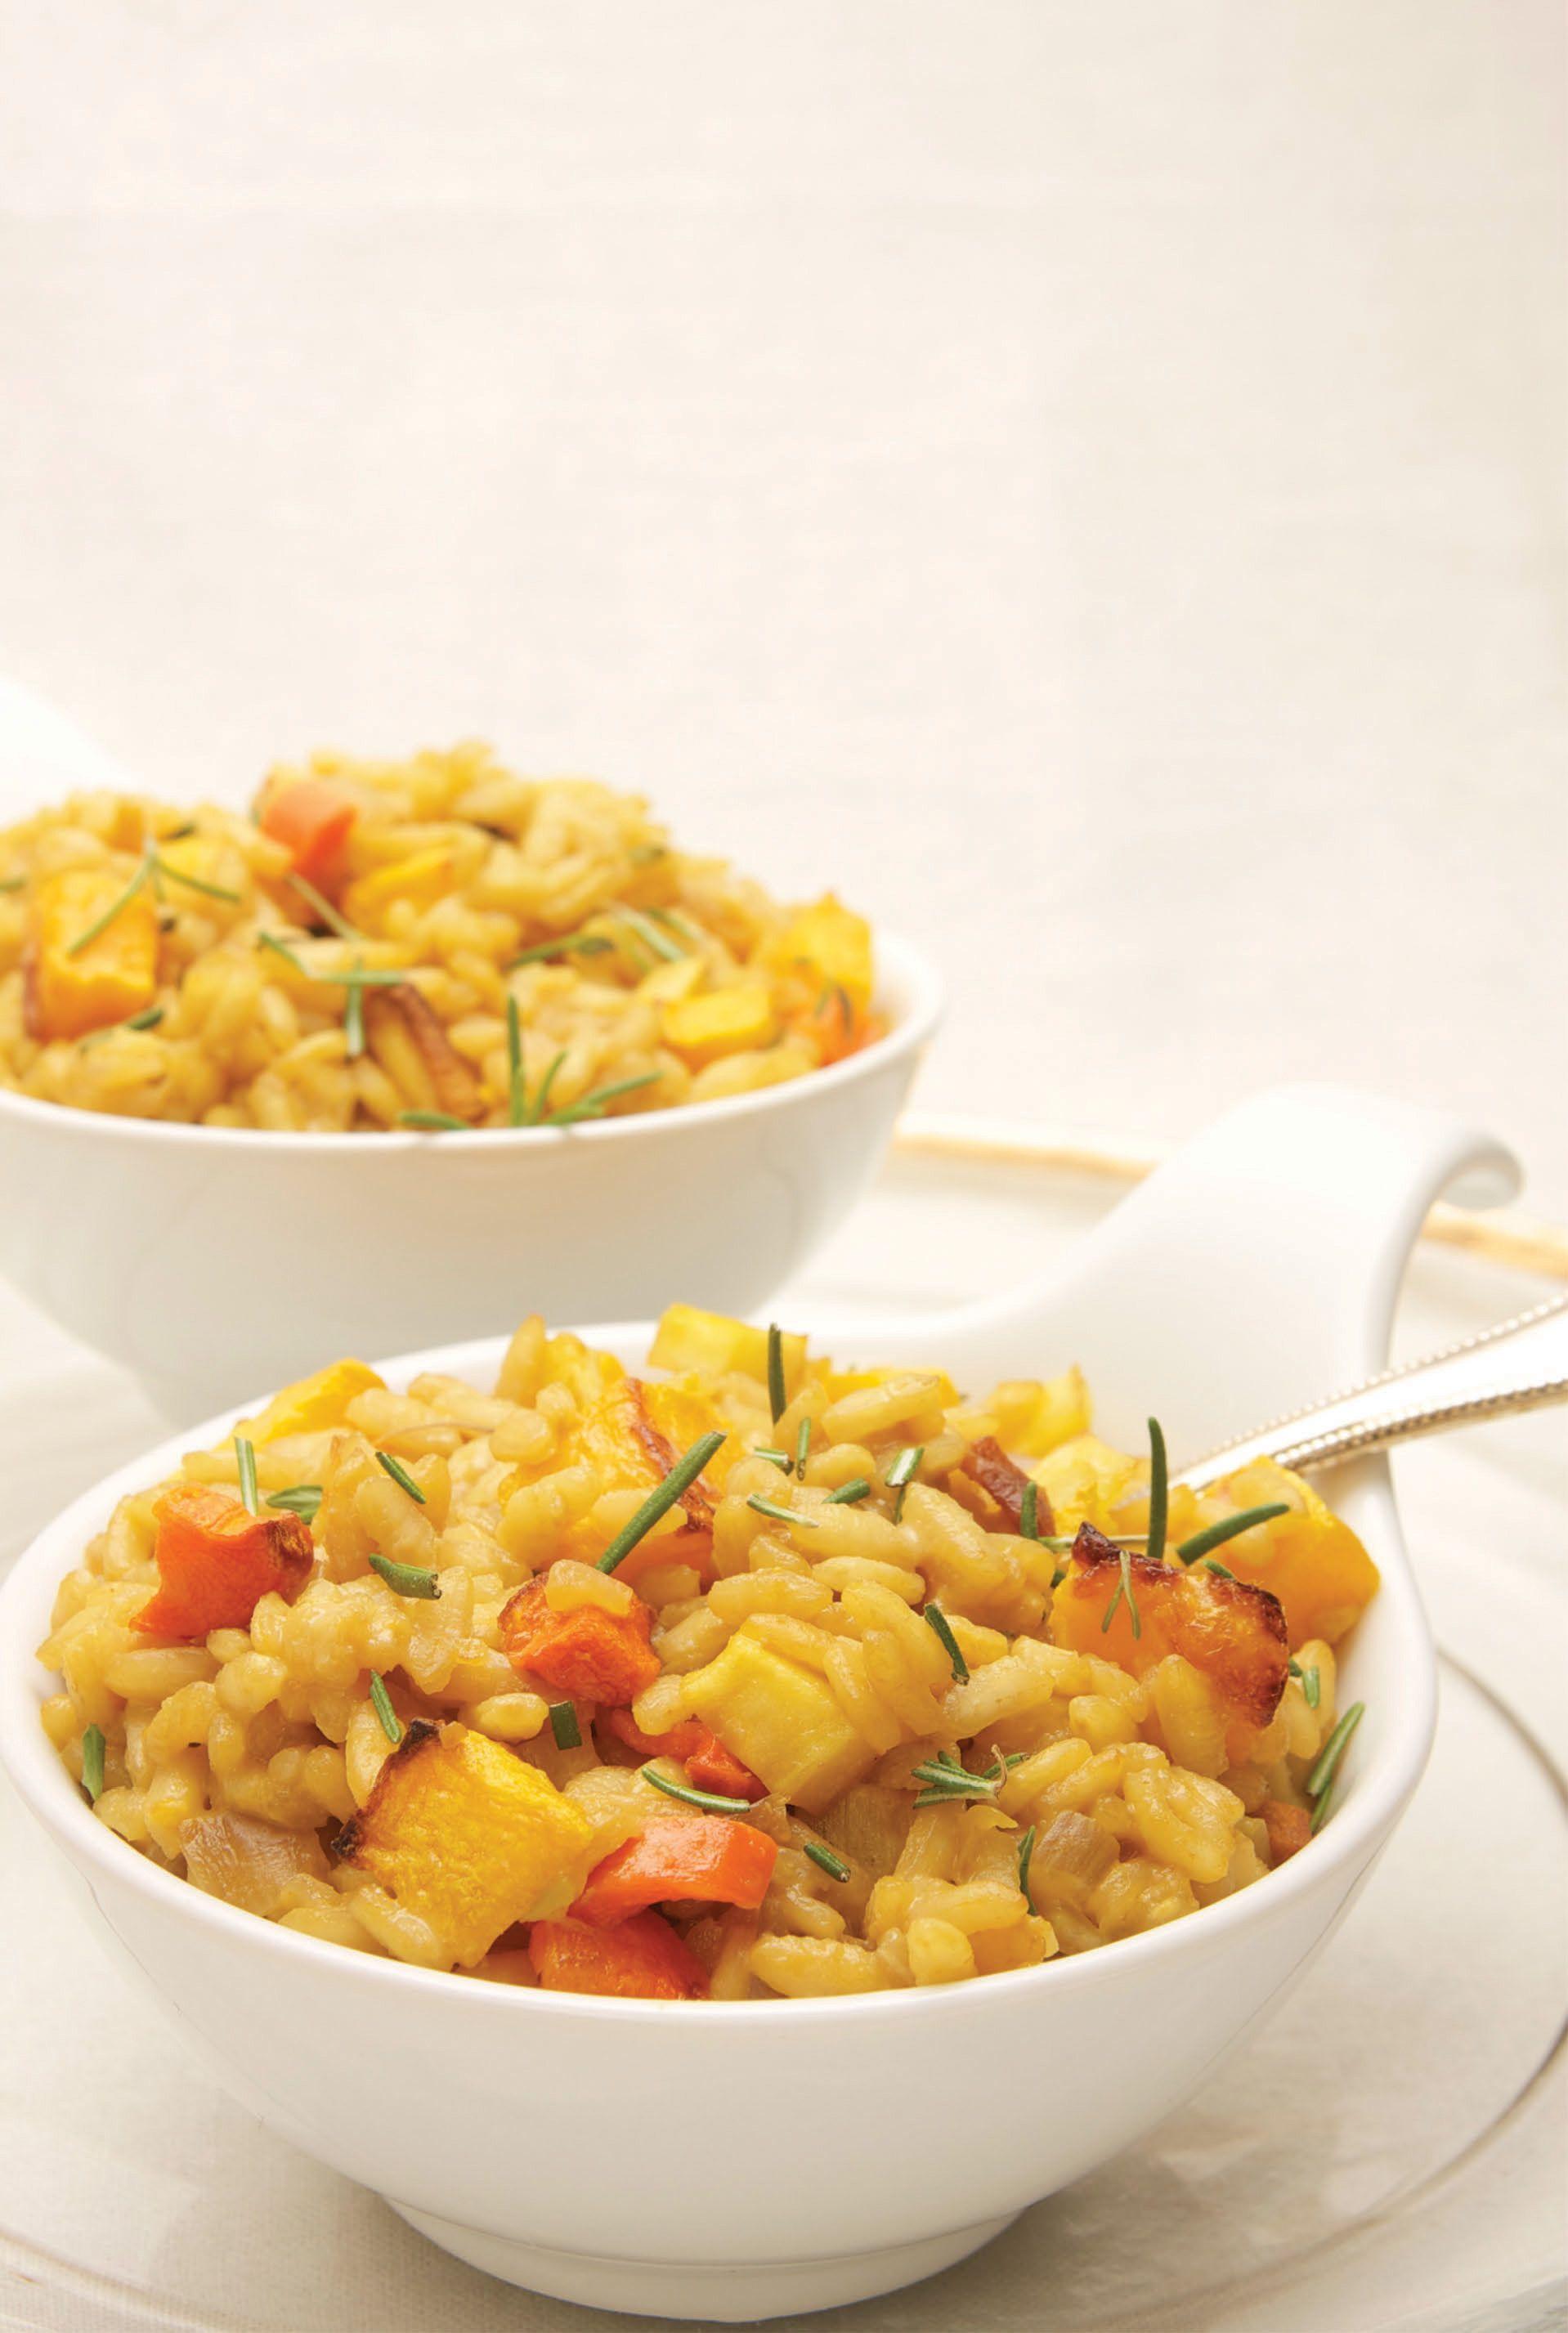 Easy vegan recipe mayim bialiks winter vegetable risotto recipes easy vegan recipe mayim bialiks winter vegetable risotto forumfinder Image collections